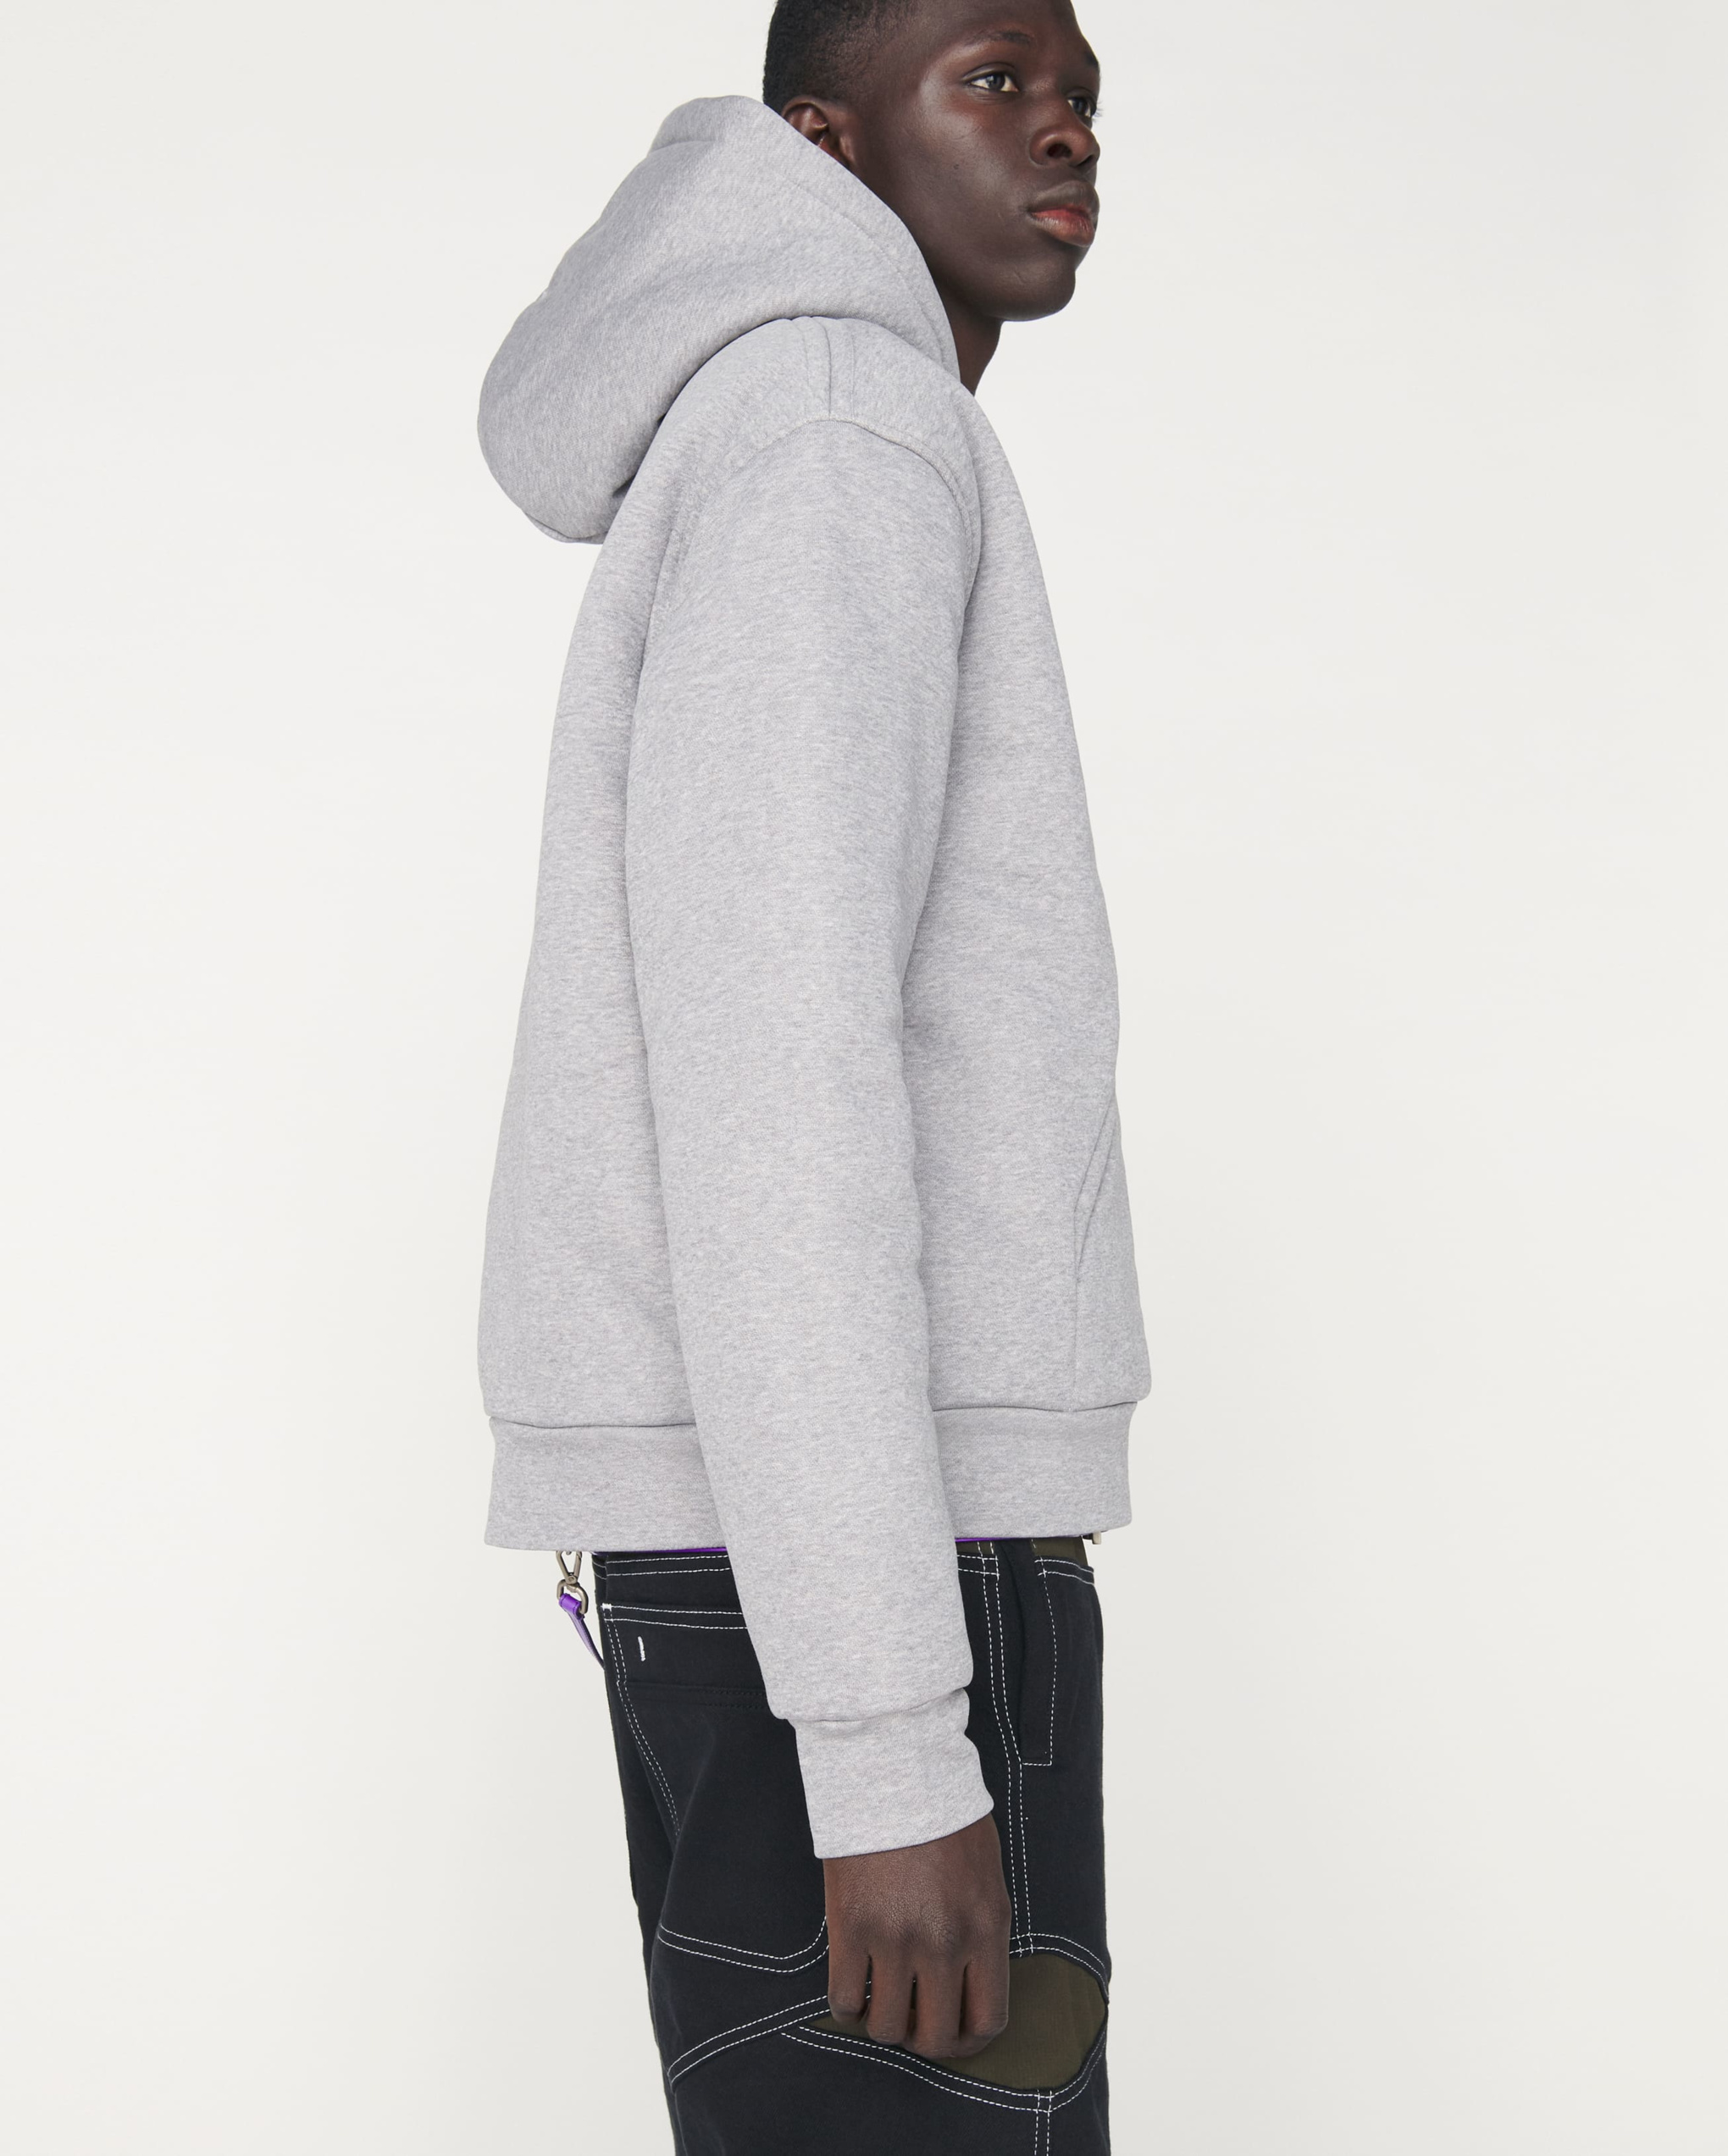 Le sweatshirt doudoune